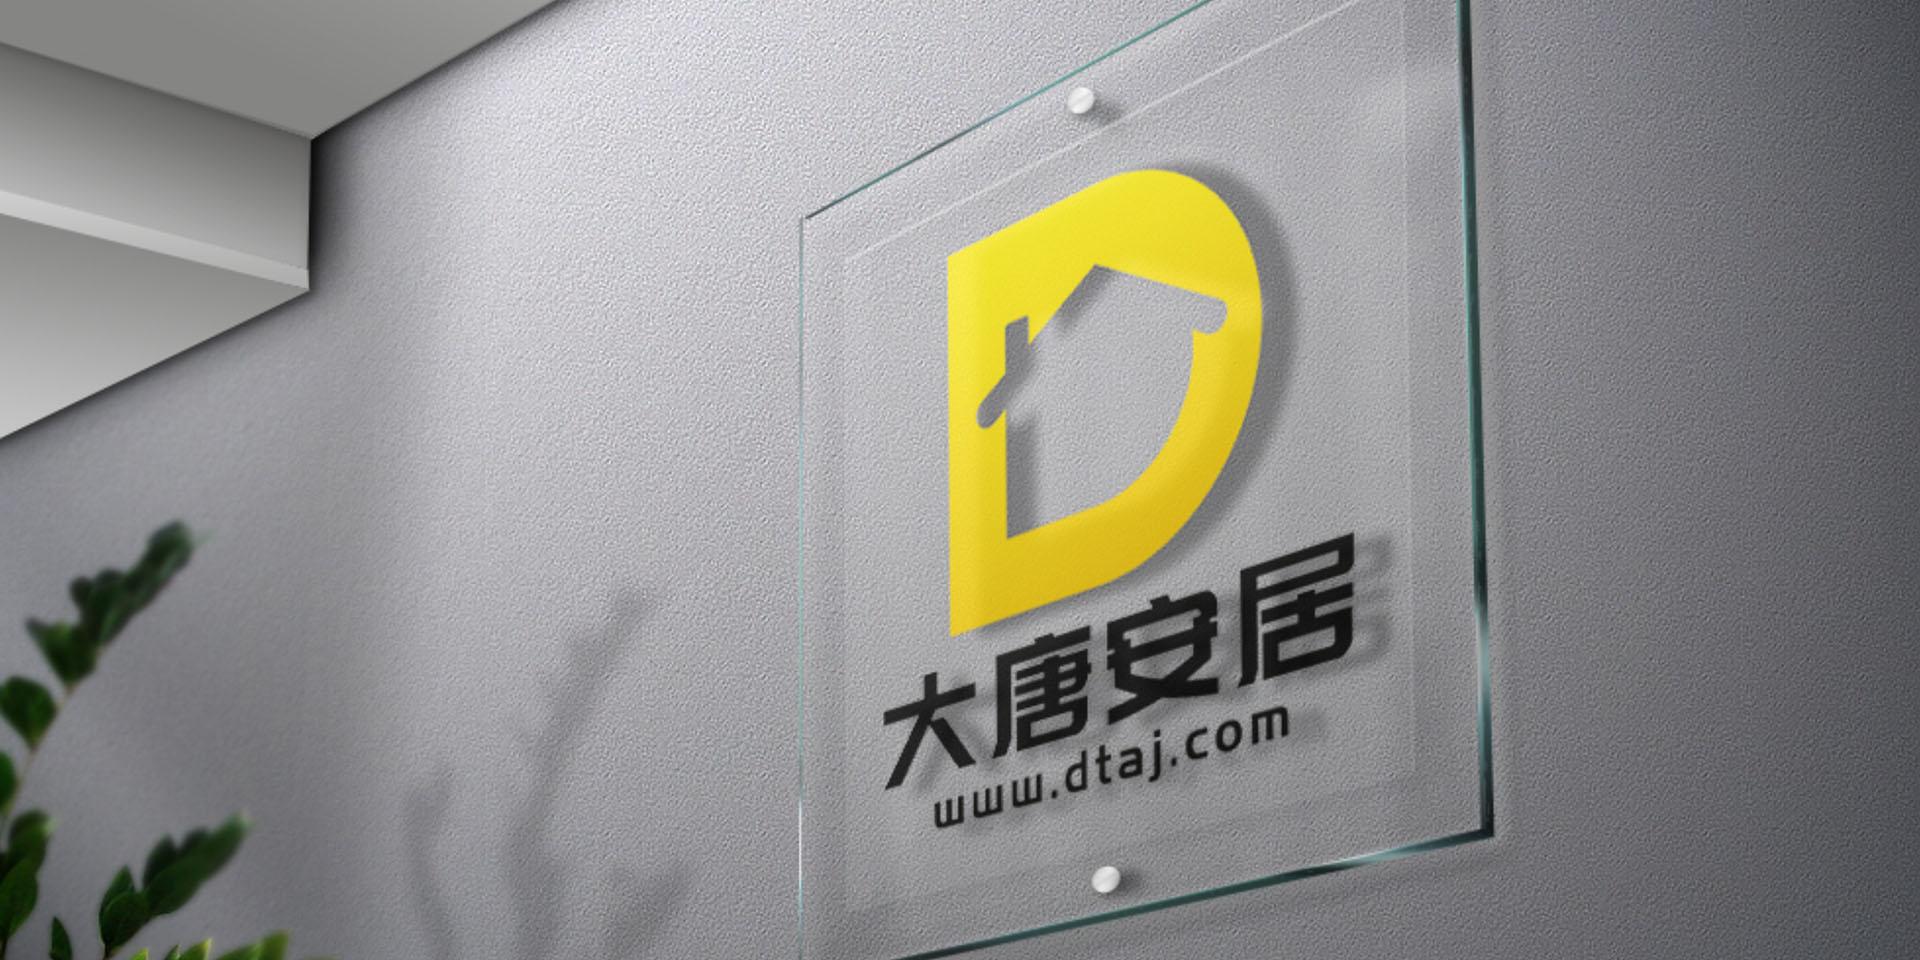 重返盛世——大唐安居 DTAJ.com